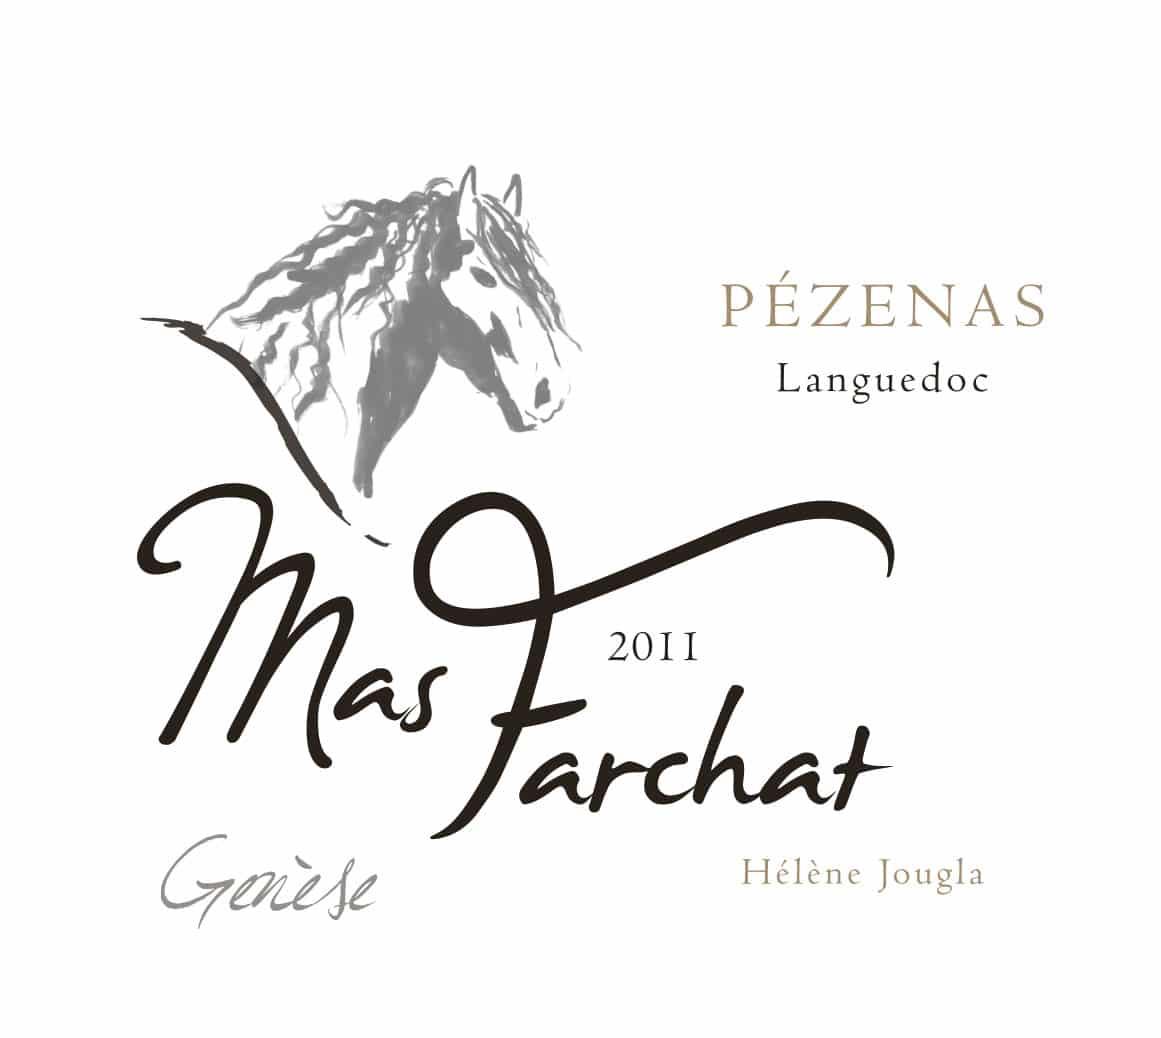 Etiquette de notre cuvée Genèse Mas Farchat 2011